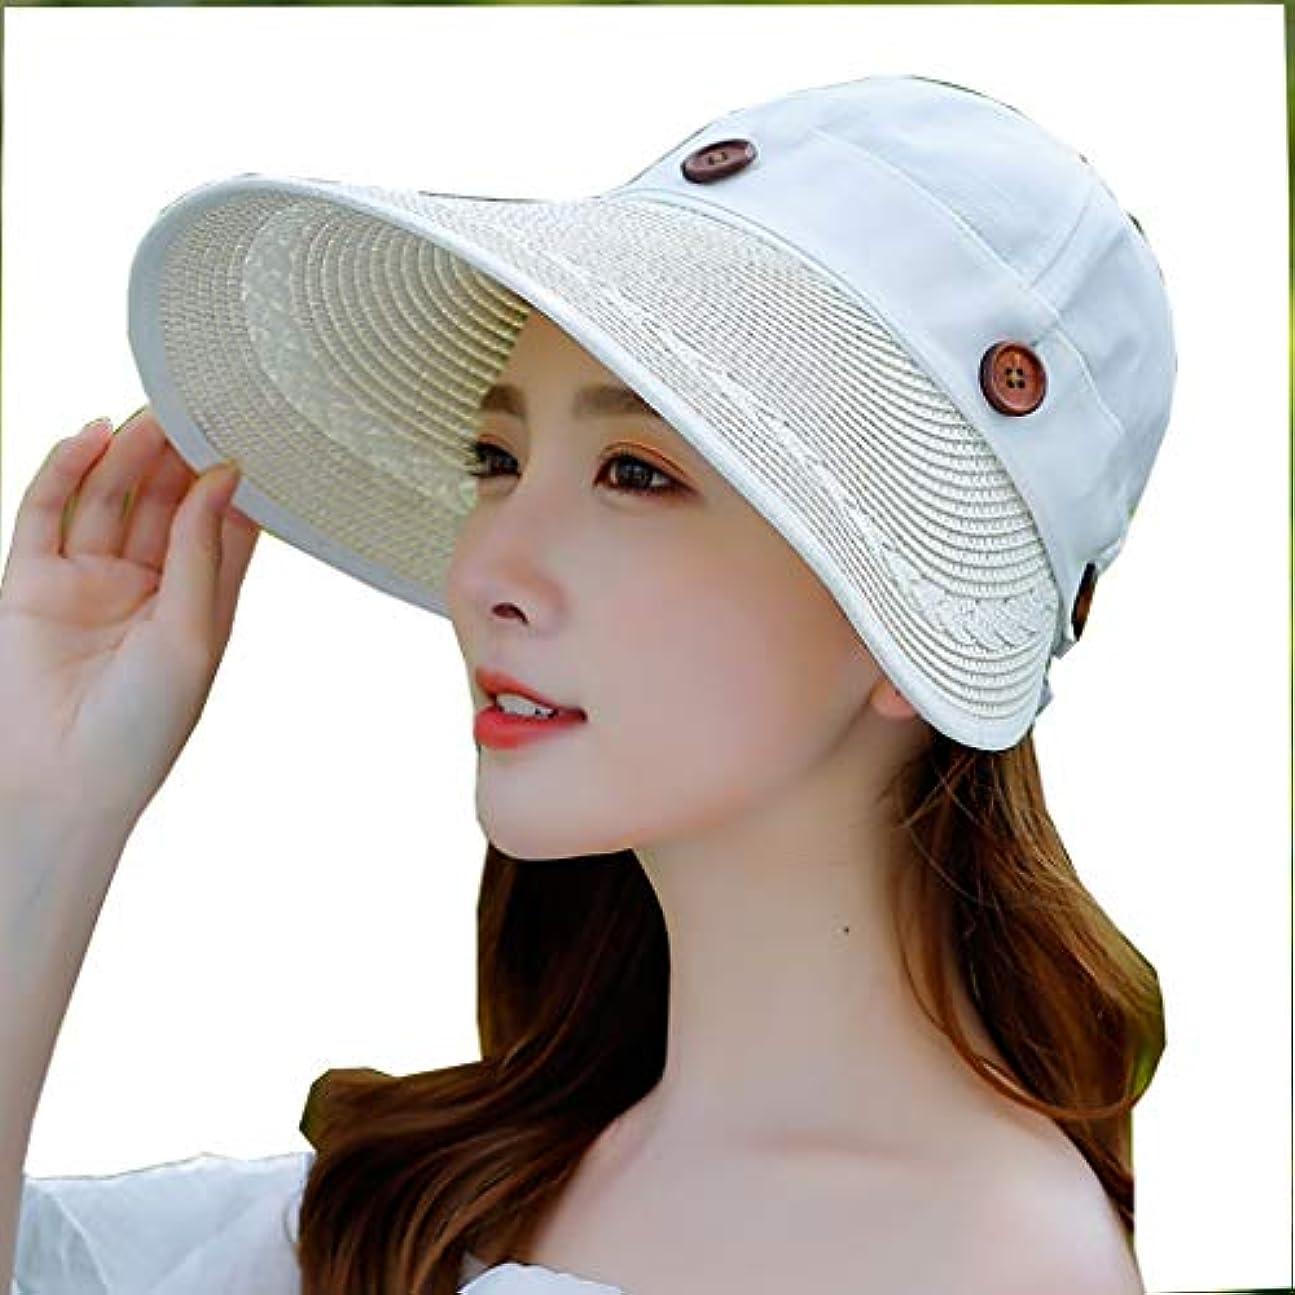 回路曖昧な比較Sun Hat夏用日焼け止め折りたたみ屋外サイクリングビーチ帽子UVプロテクションストローハットサンハット (Color : D)